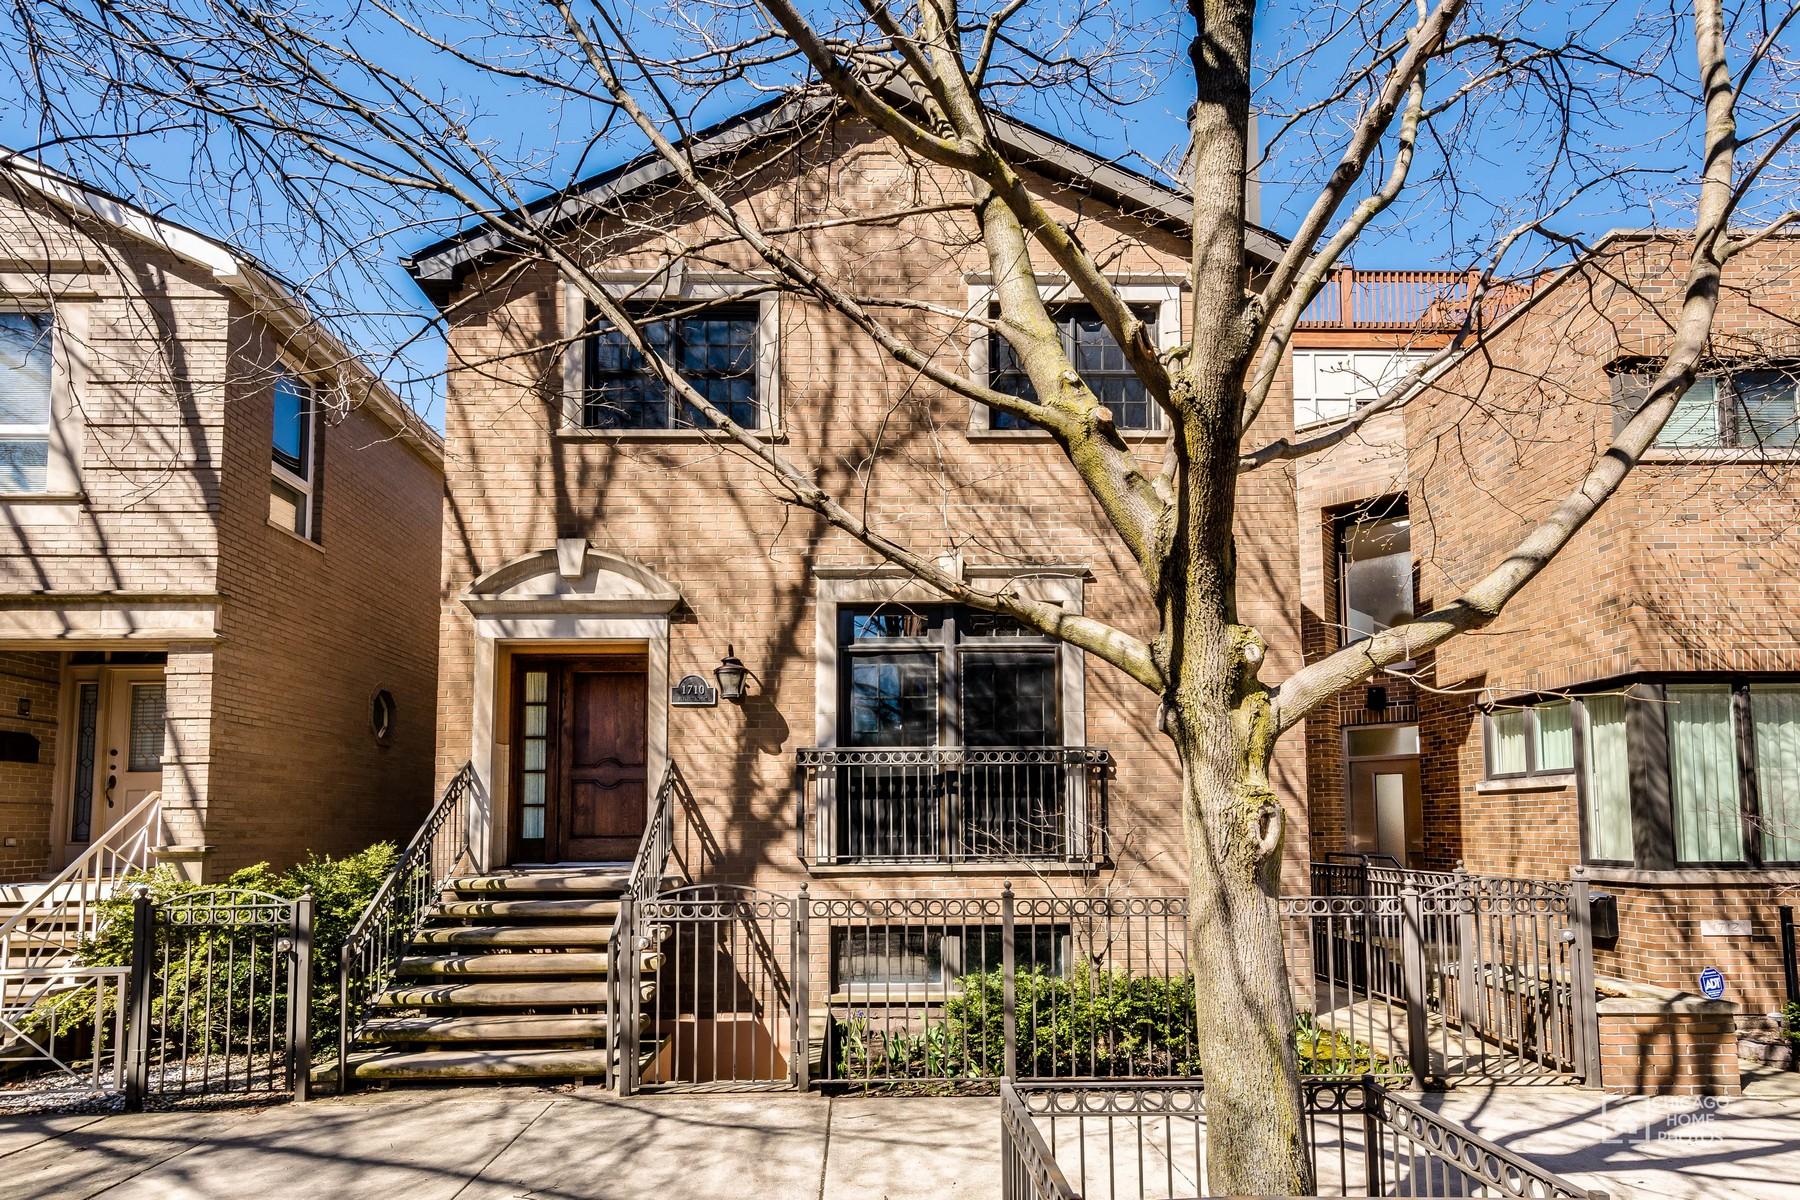 独户住宅 为 销售 在 Outstanding Extra-Wide Home 1710 N Burling Street 芝加哥, 伊利诺斯州, 60614 美国